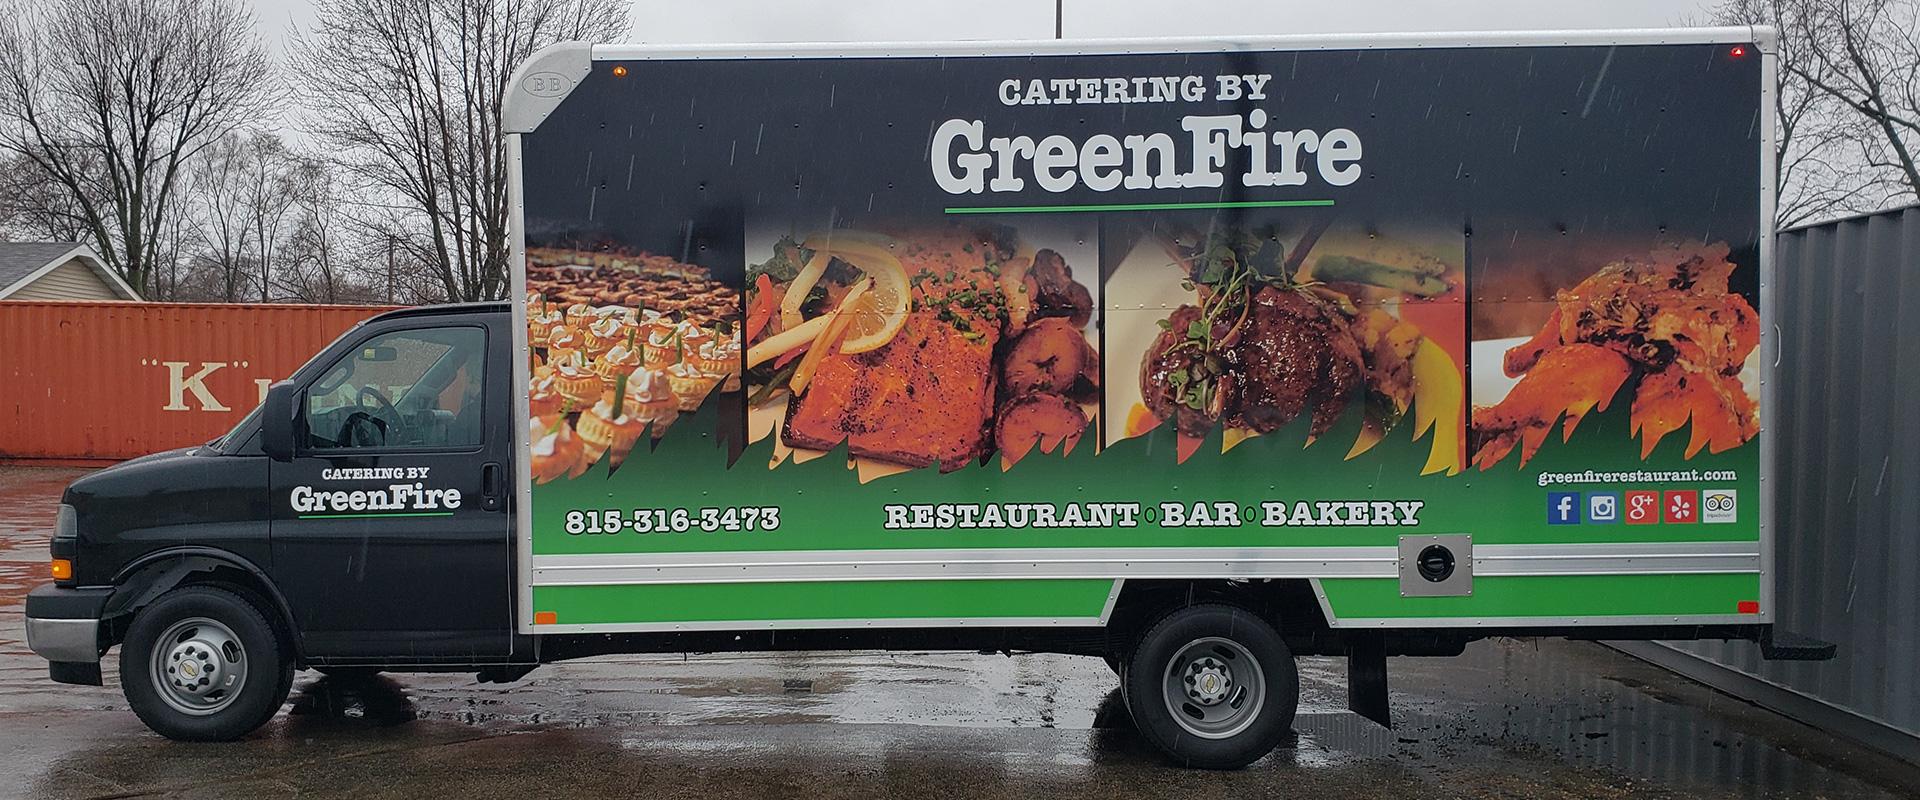 GreenfireBoxTruck